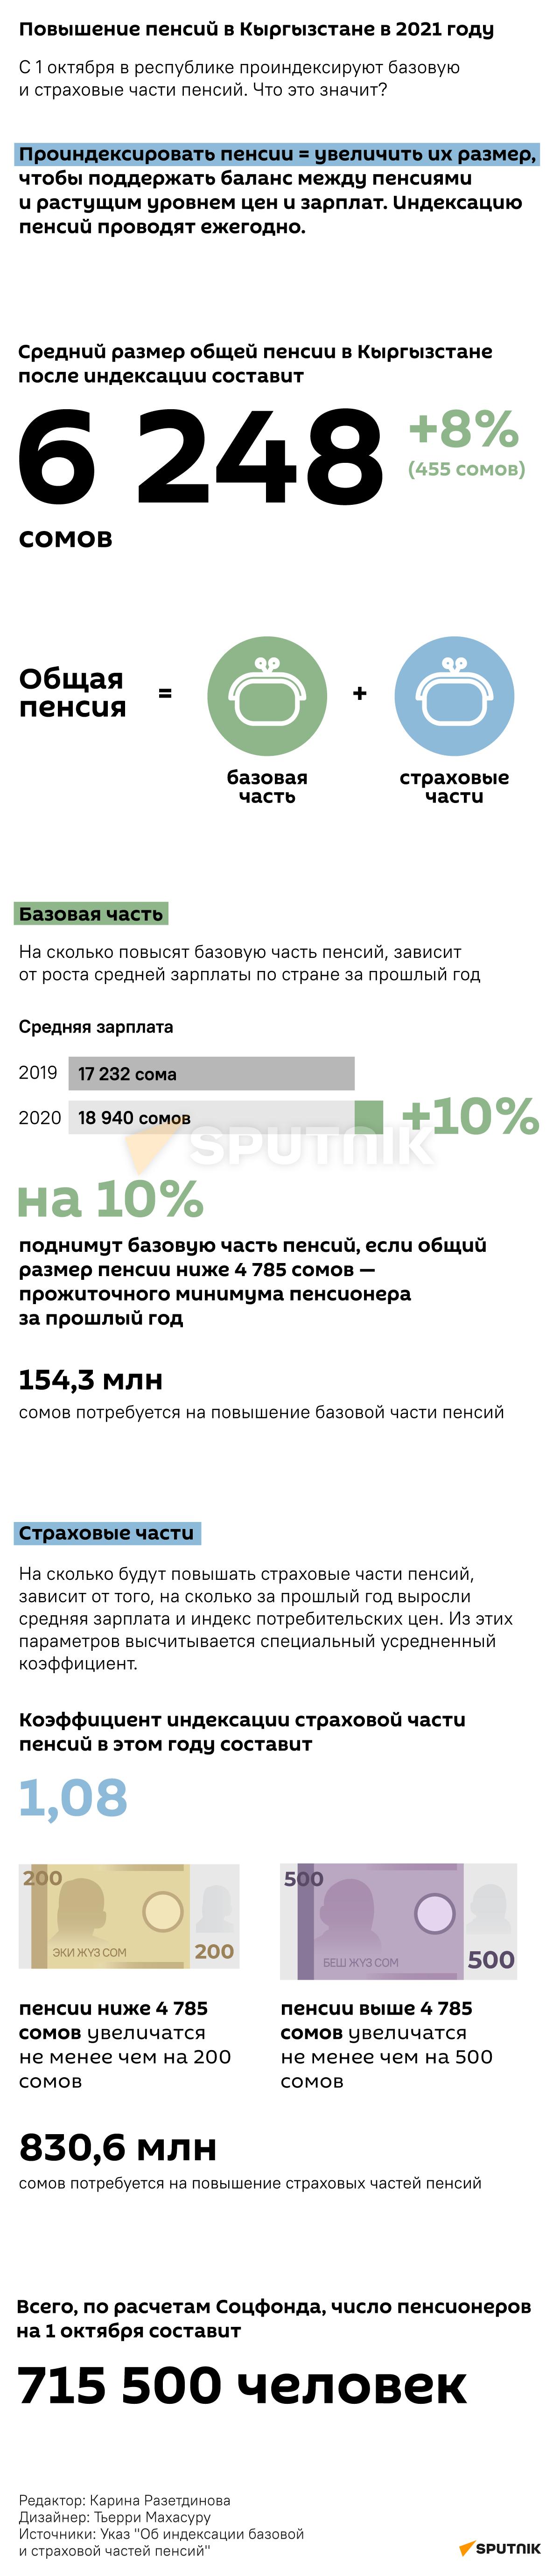 Повышение пенсий в Кыргызстане в 2021 году